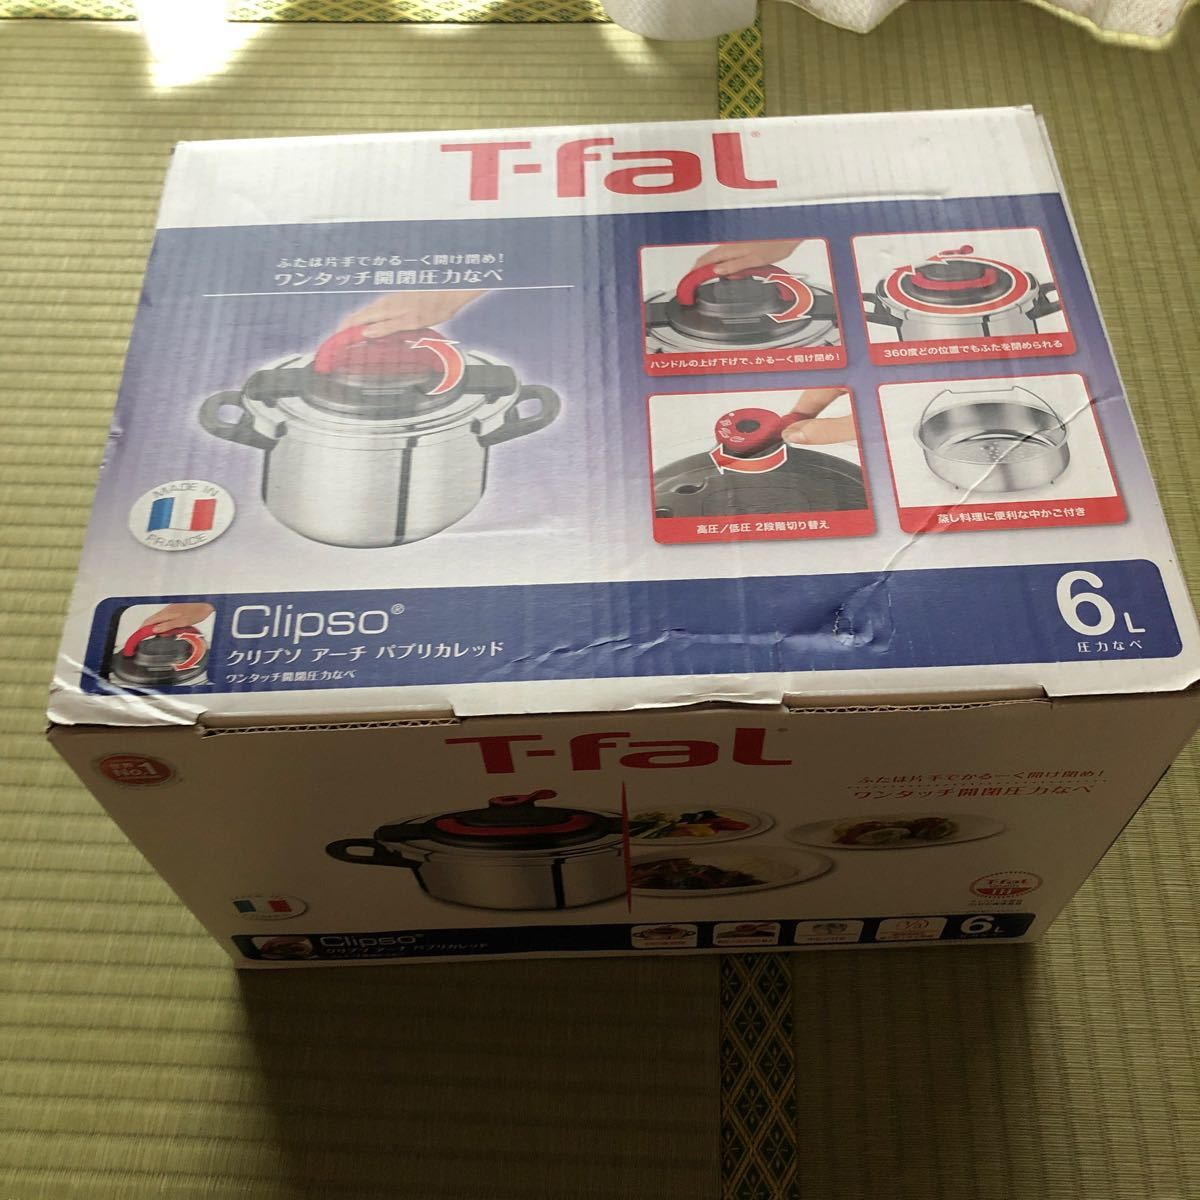 ティファール圧力鍋 圧力鍋 T-fal ティファール IH対応 家庭用 6L